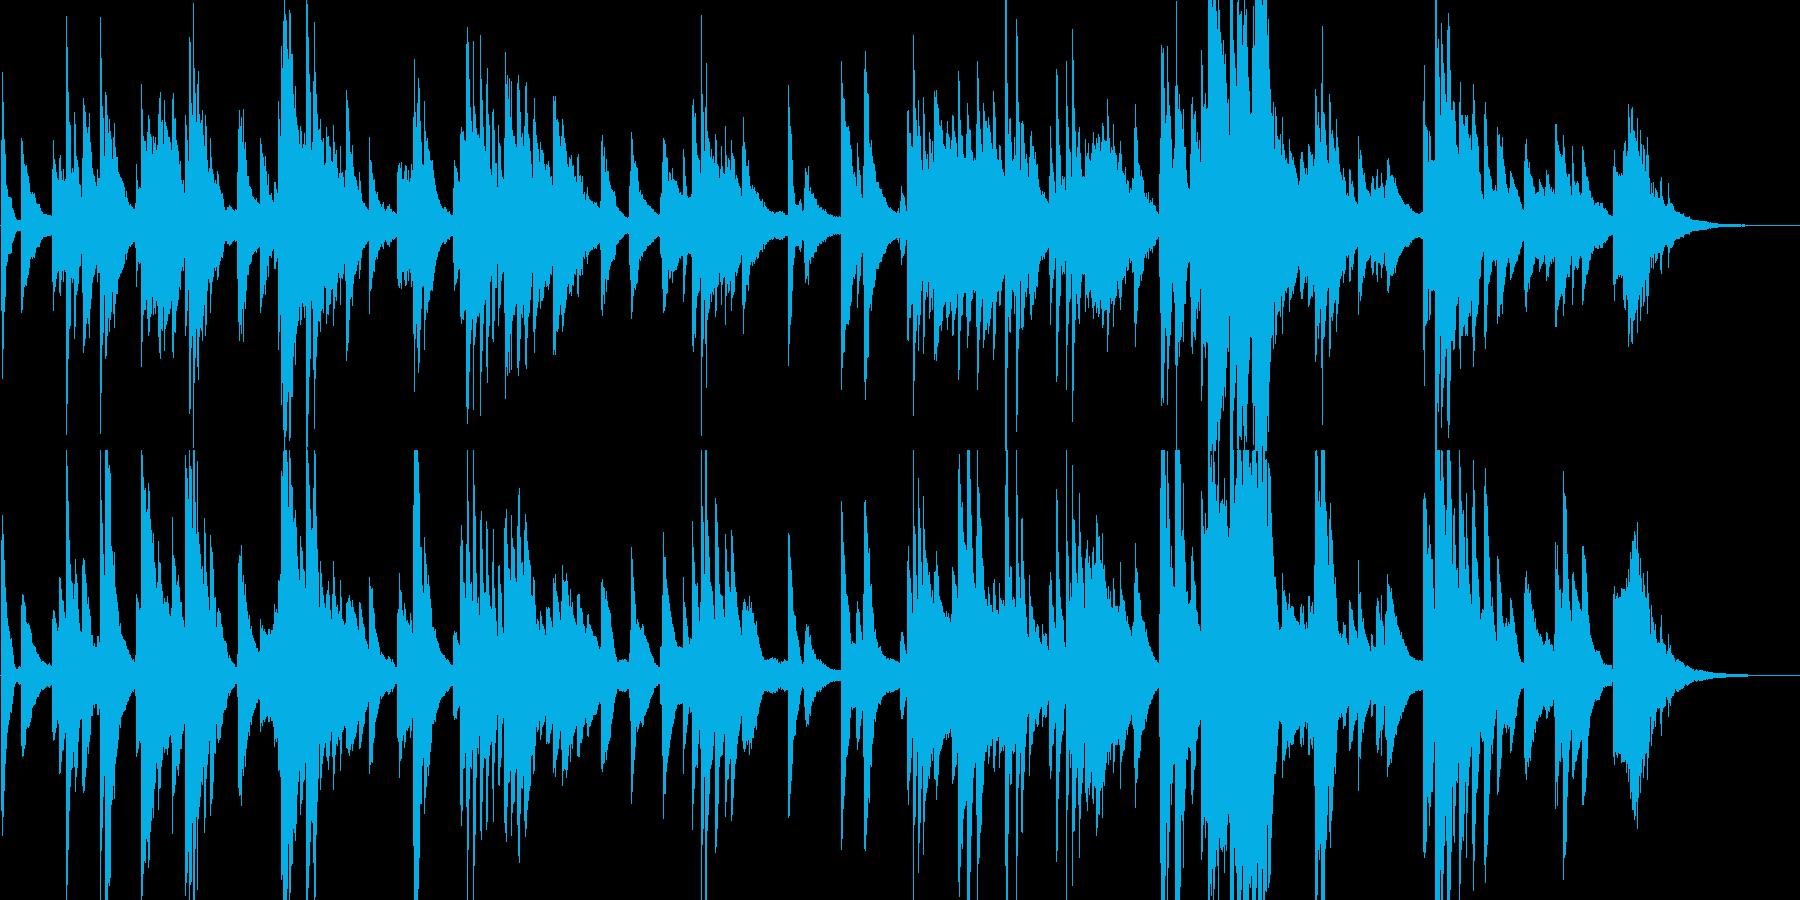 ダークでジャスフレーバーなピアノソロの再生済みの波形